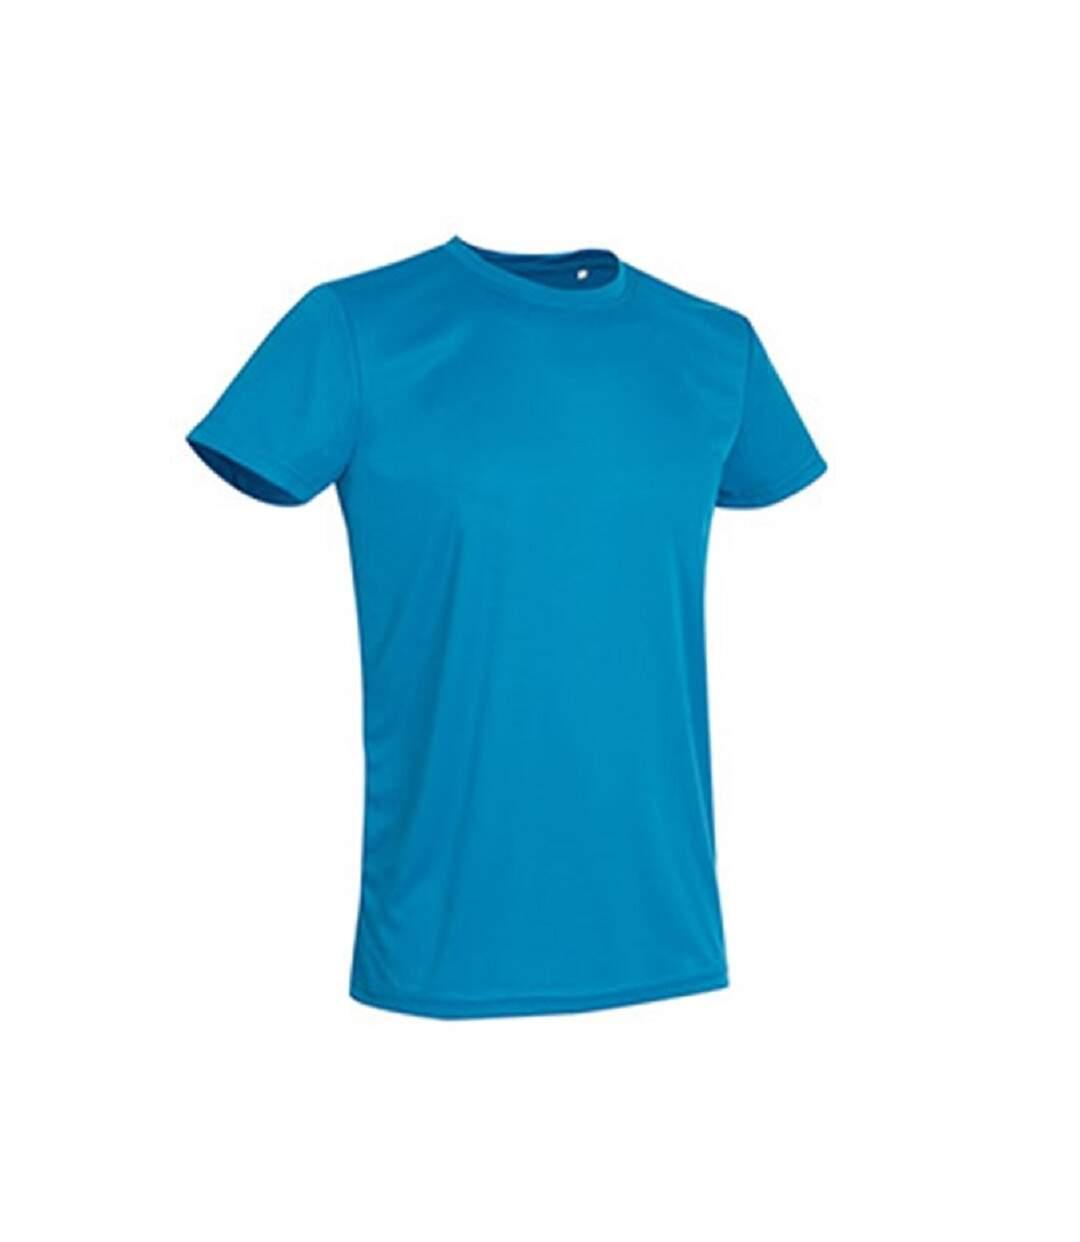 Stedman Mens Active Sports Tee (Blue Midnight) - UTAB332